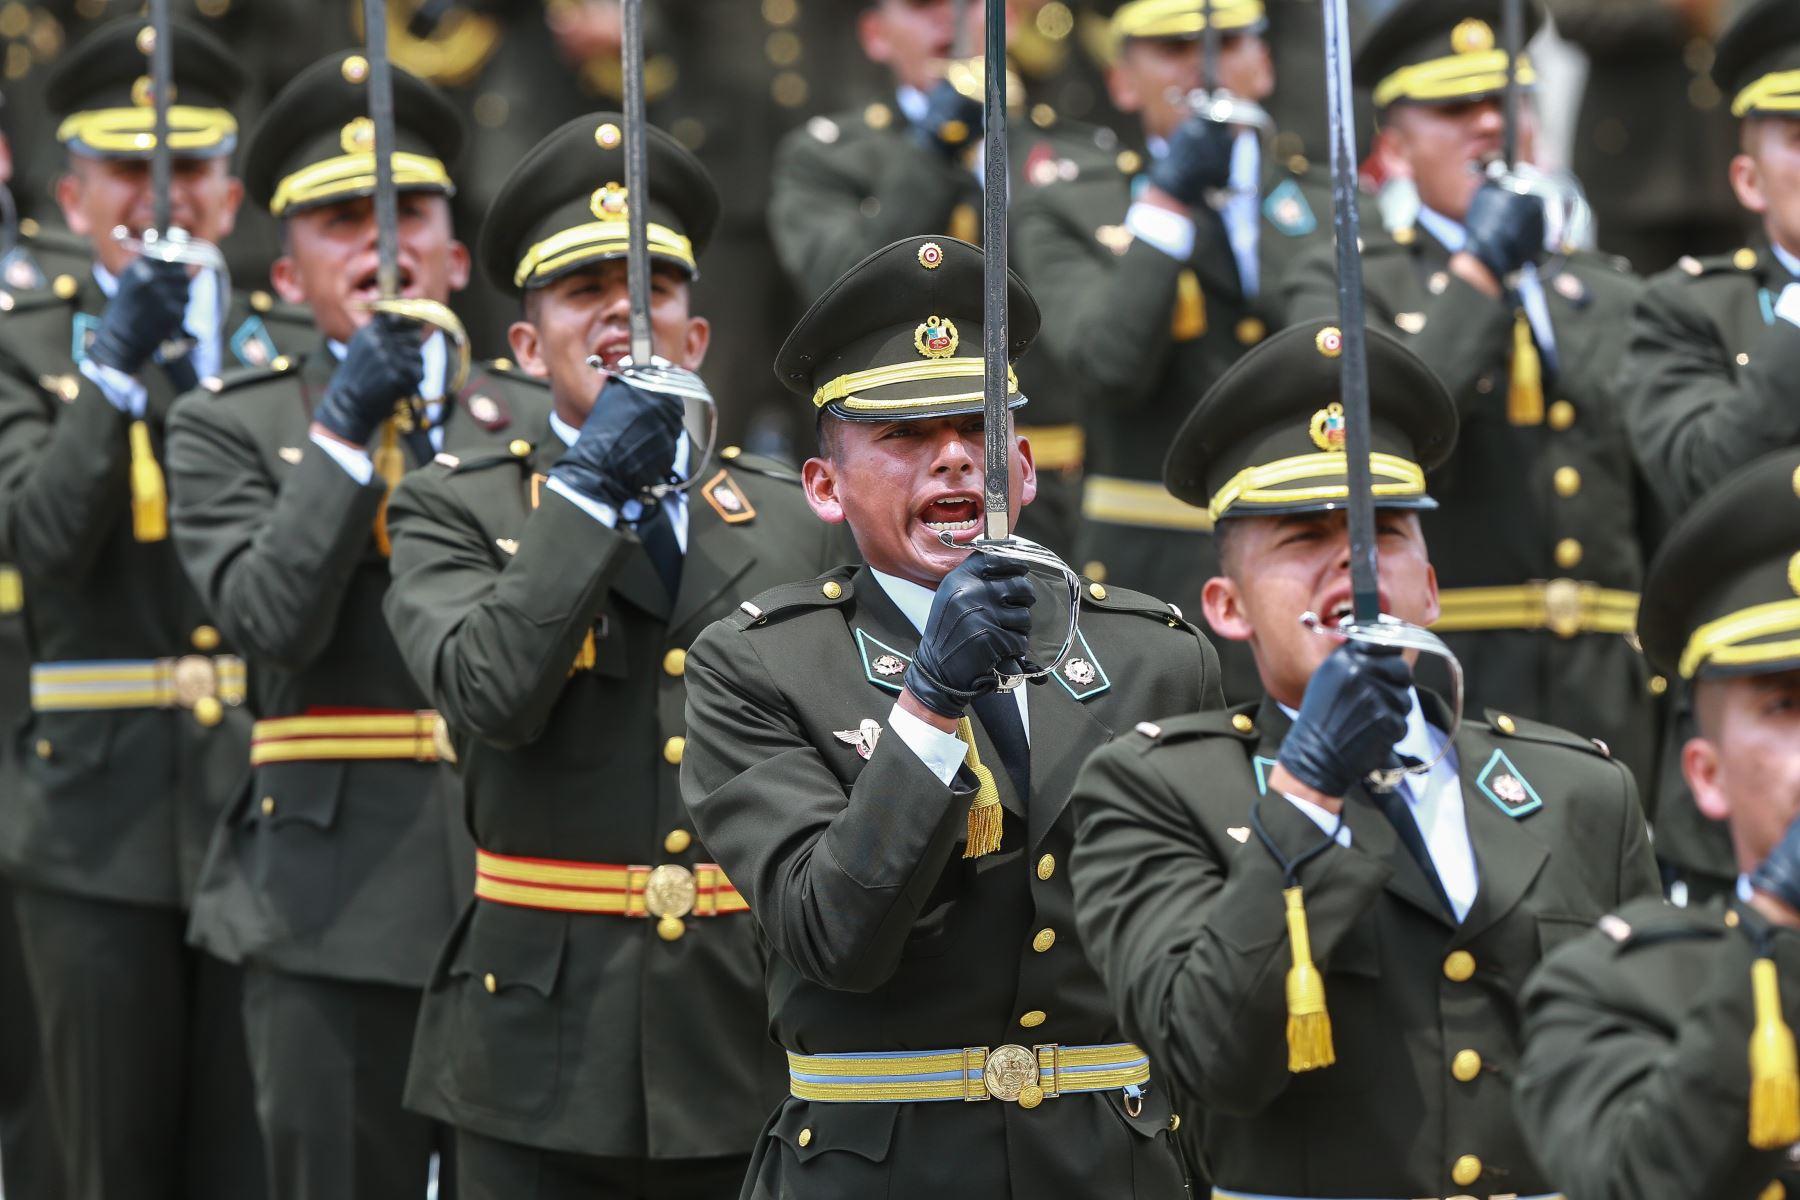 Jefe del Estado, Martín Vizcarra, encabeza la ceremonia de graduación de la 125° promoción de la Escuela Militar de Chorrillos.Foto: ANDINA/Carlos Lezama/Prensa Presidencia